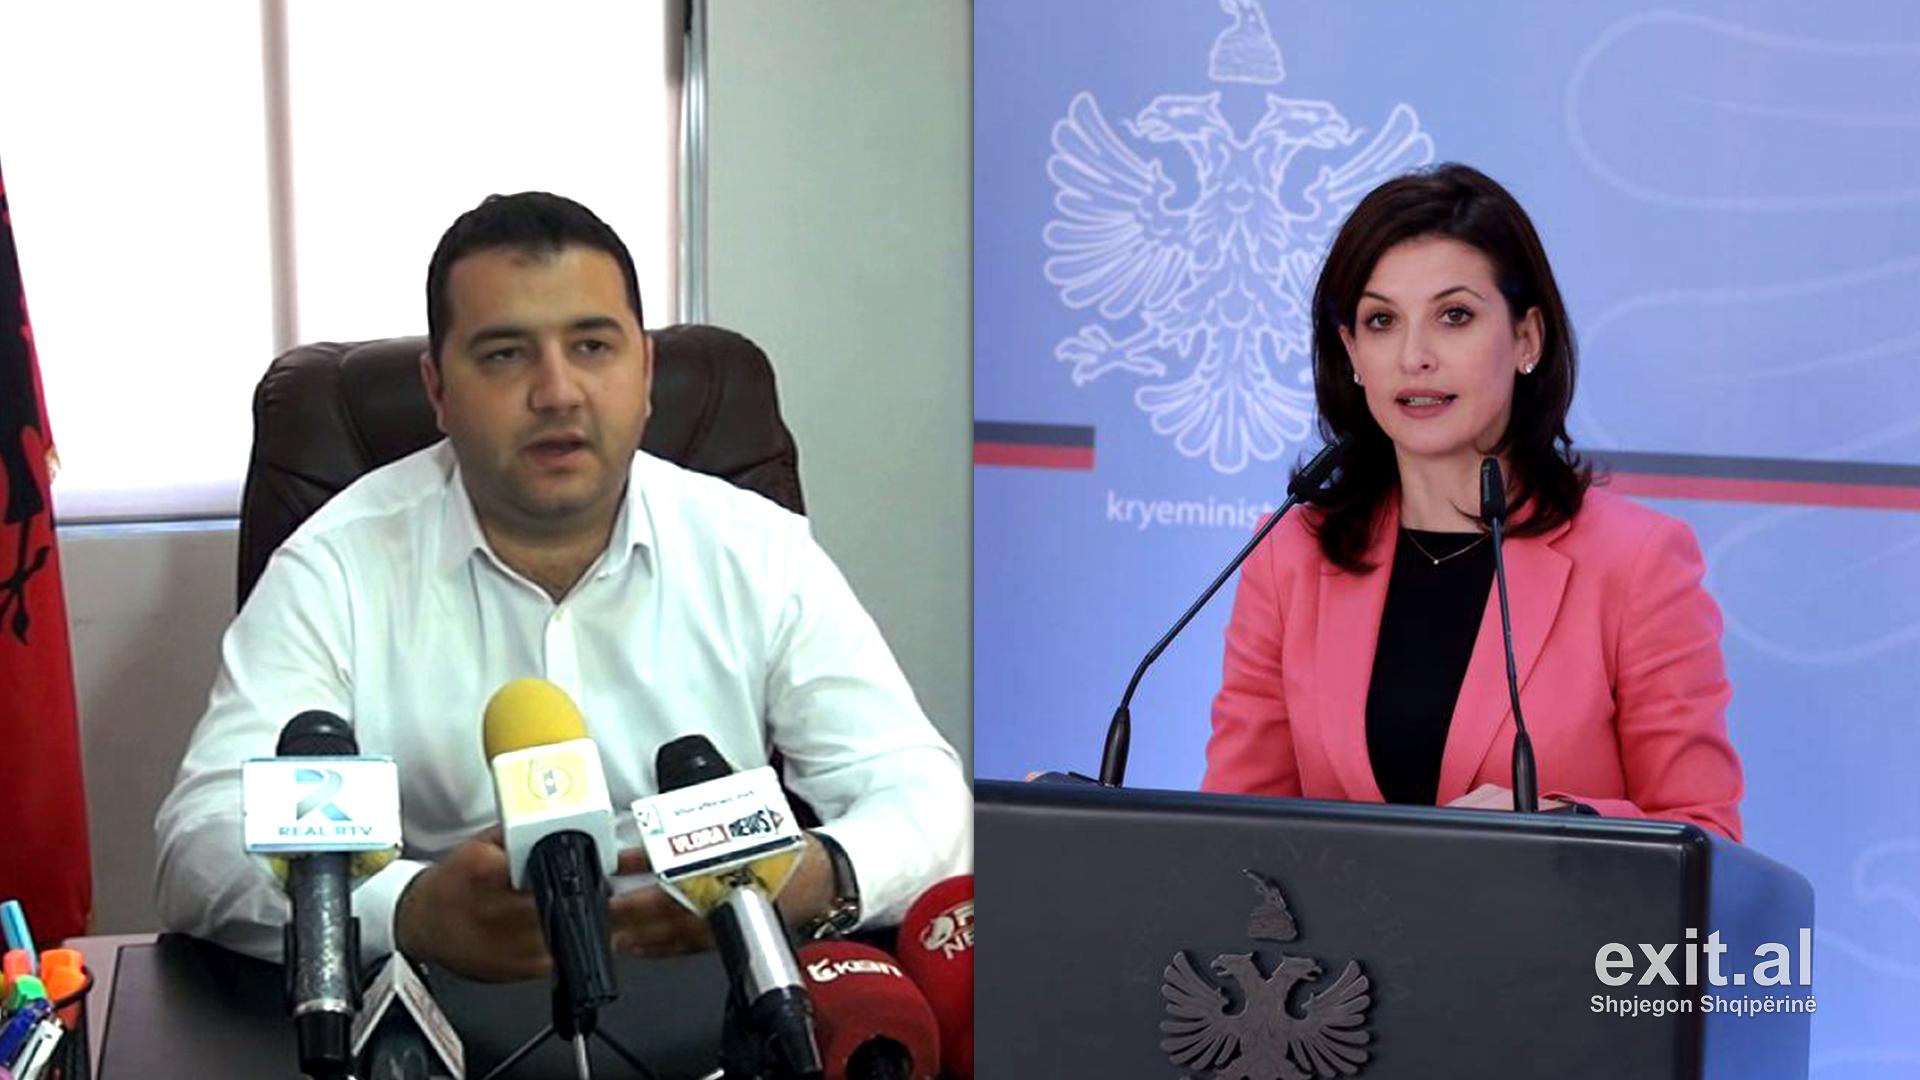 Drejtori i sapoemëruar i burgut të Vlorës shpallet fajtor për shpërdorimin e detyrës